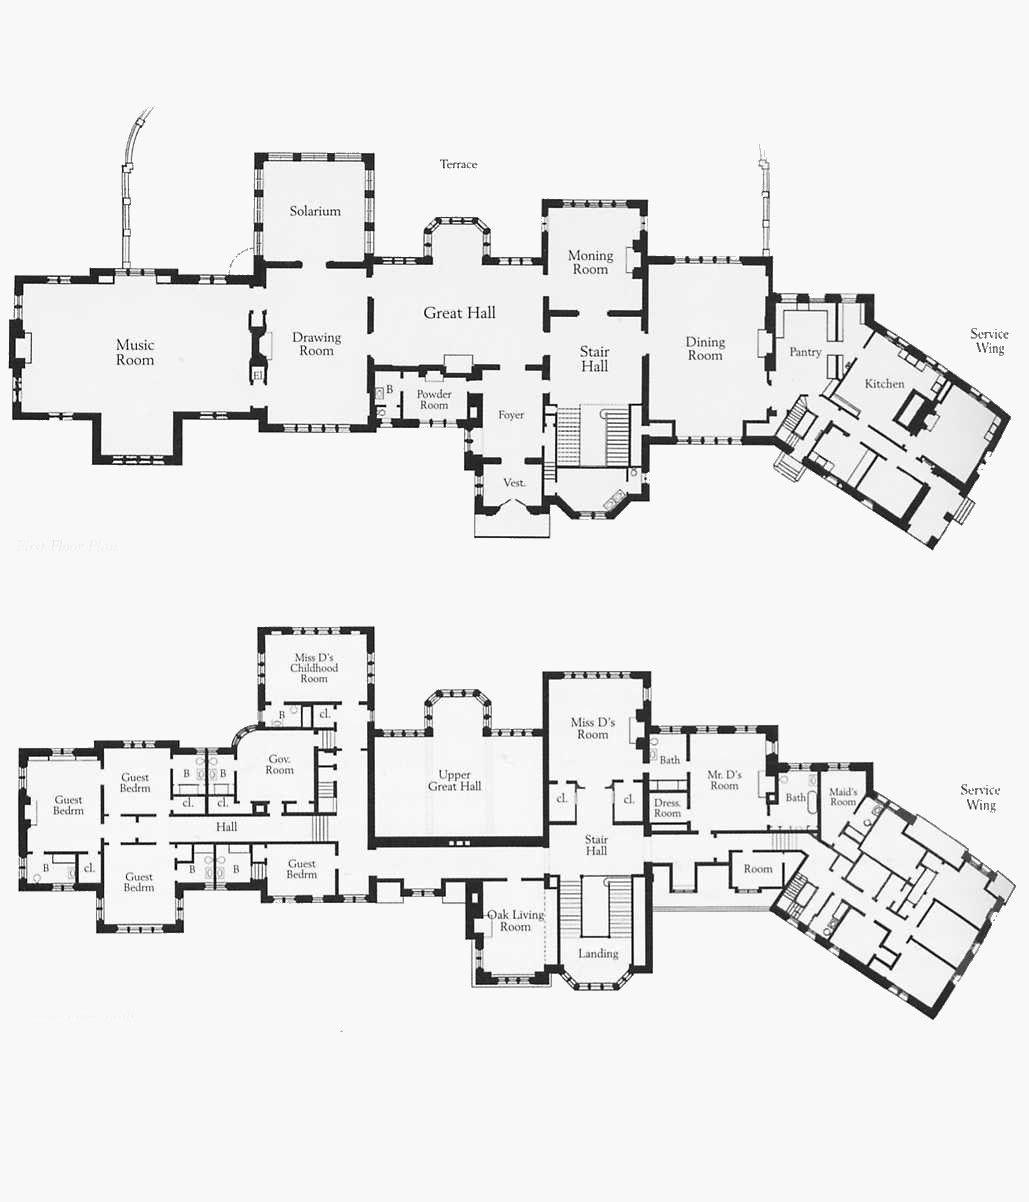 floor plan floor plans pinterest architectural firm newport